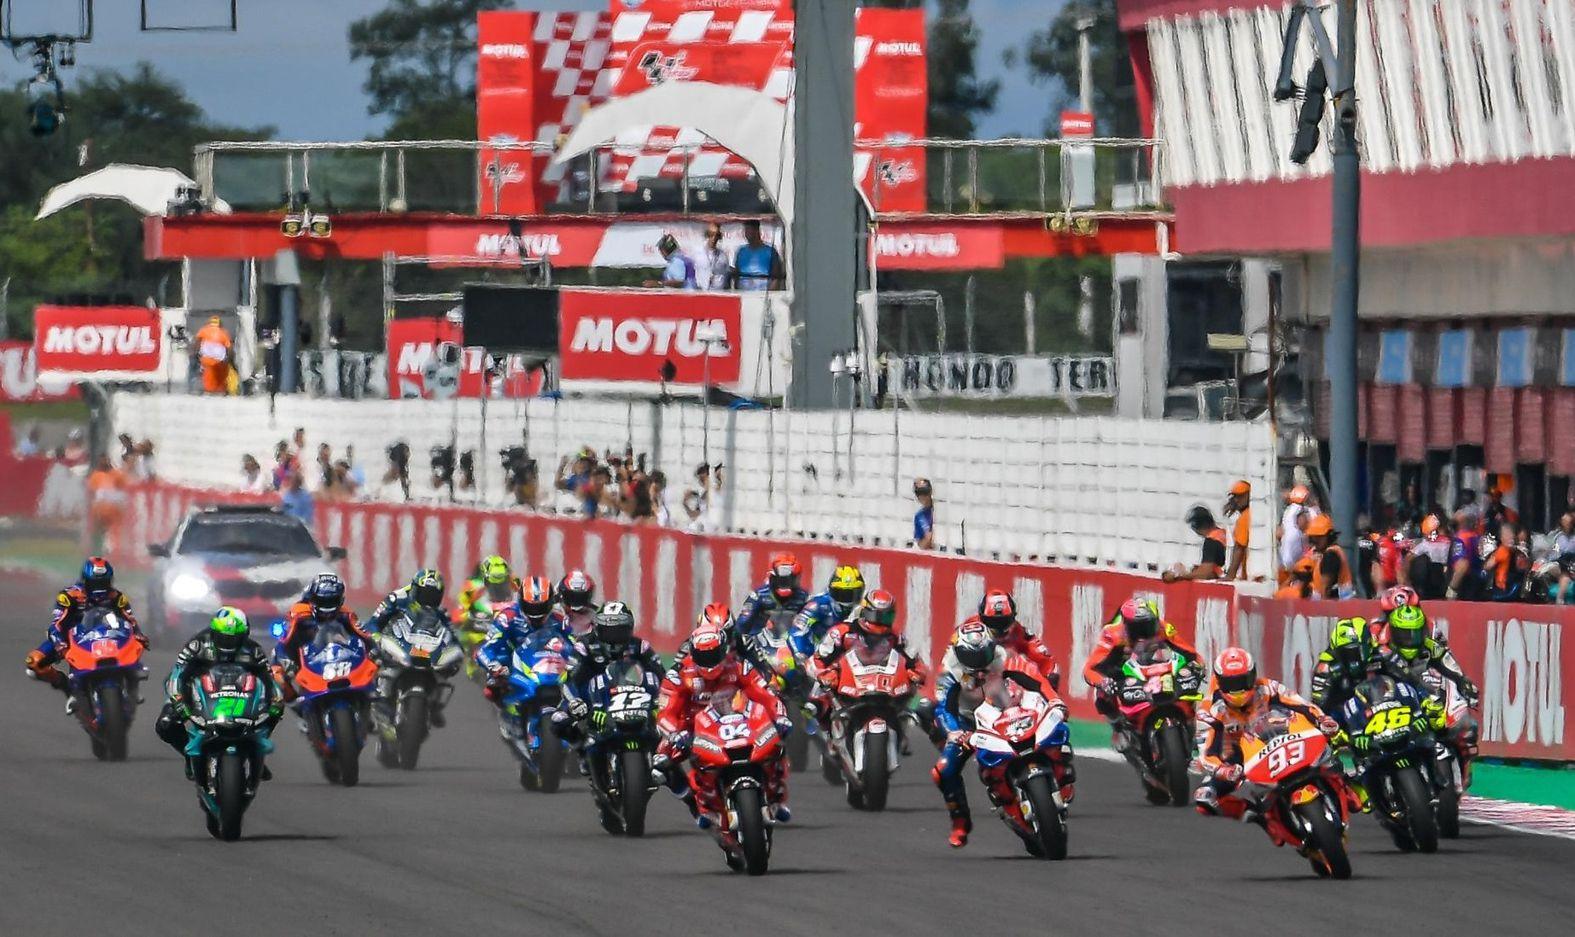 Se confirmó el calendario de competencias para este año en el Autódromo de Las Termas